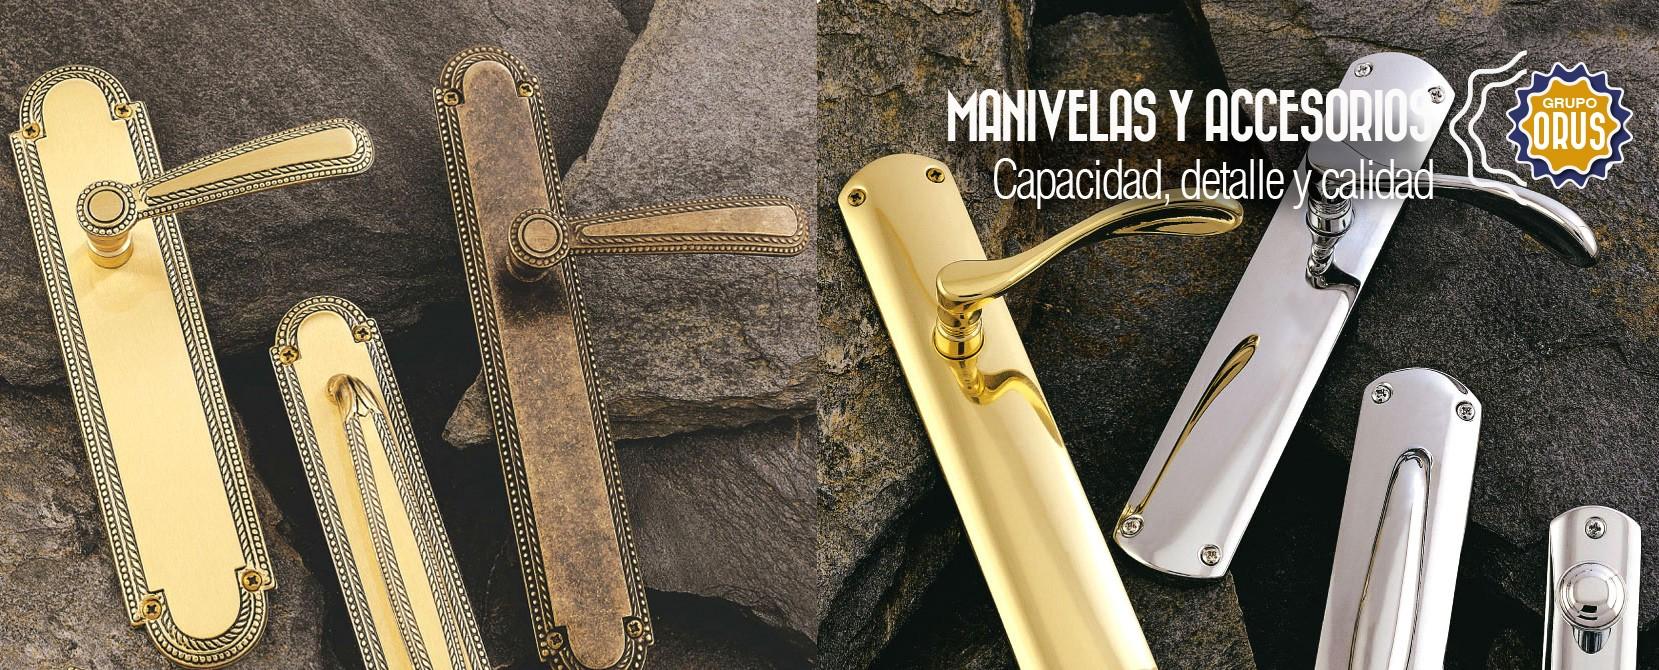 Manivelas y accesorios